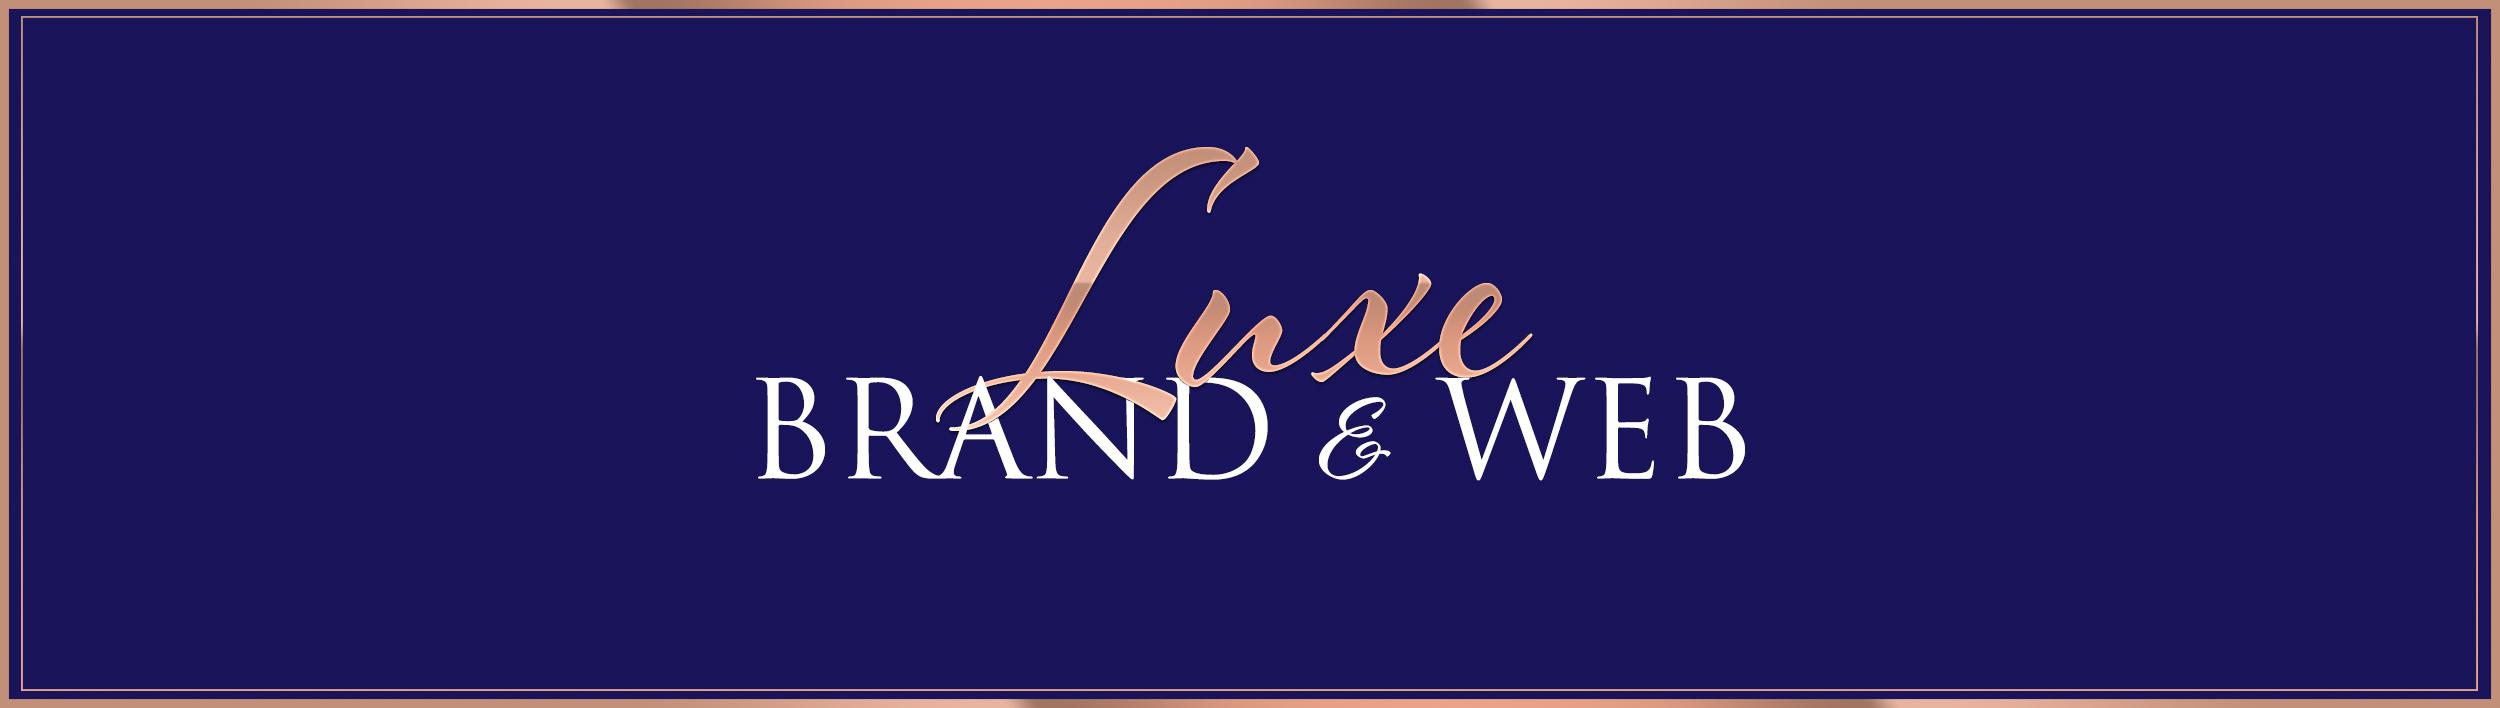 web-design-branding.jpg